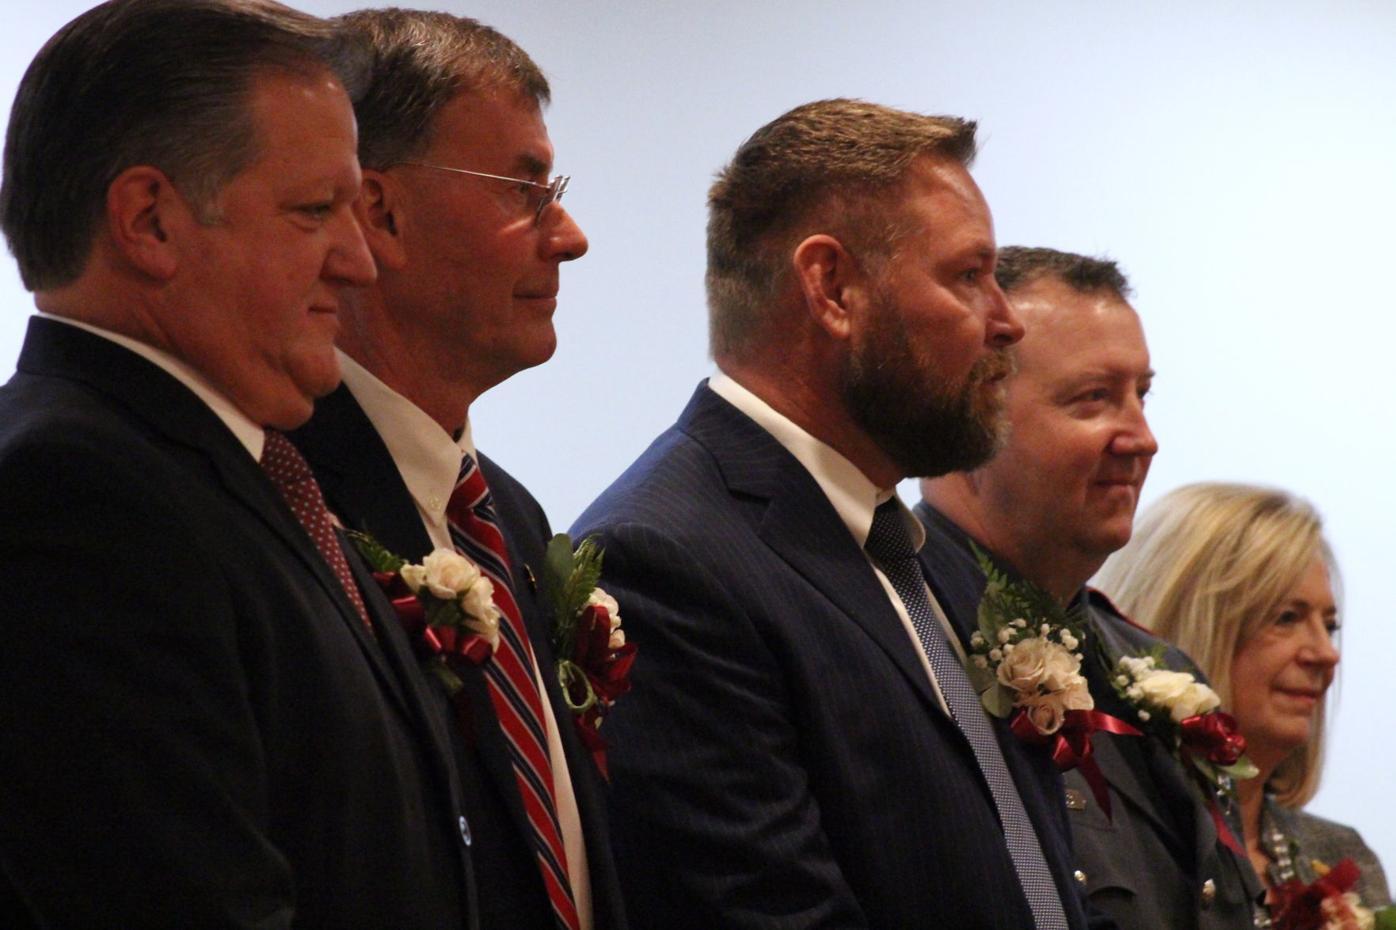 2018 Cecil Inauguration